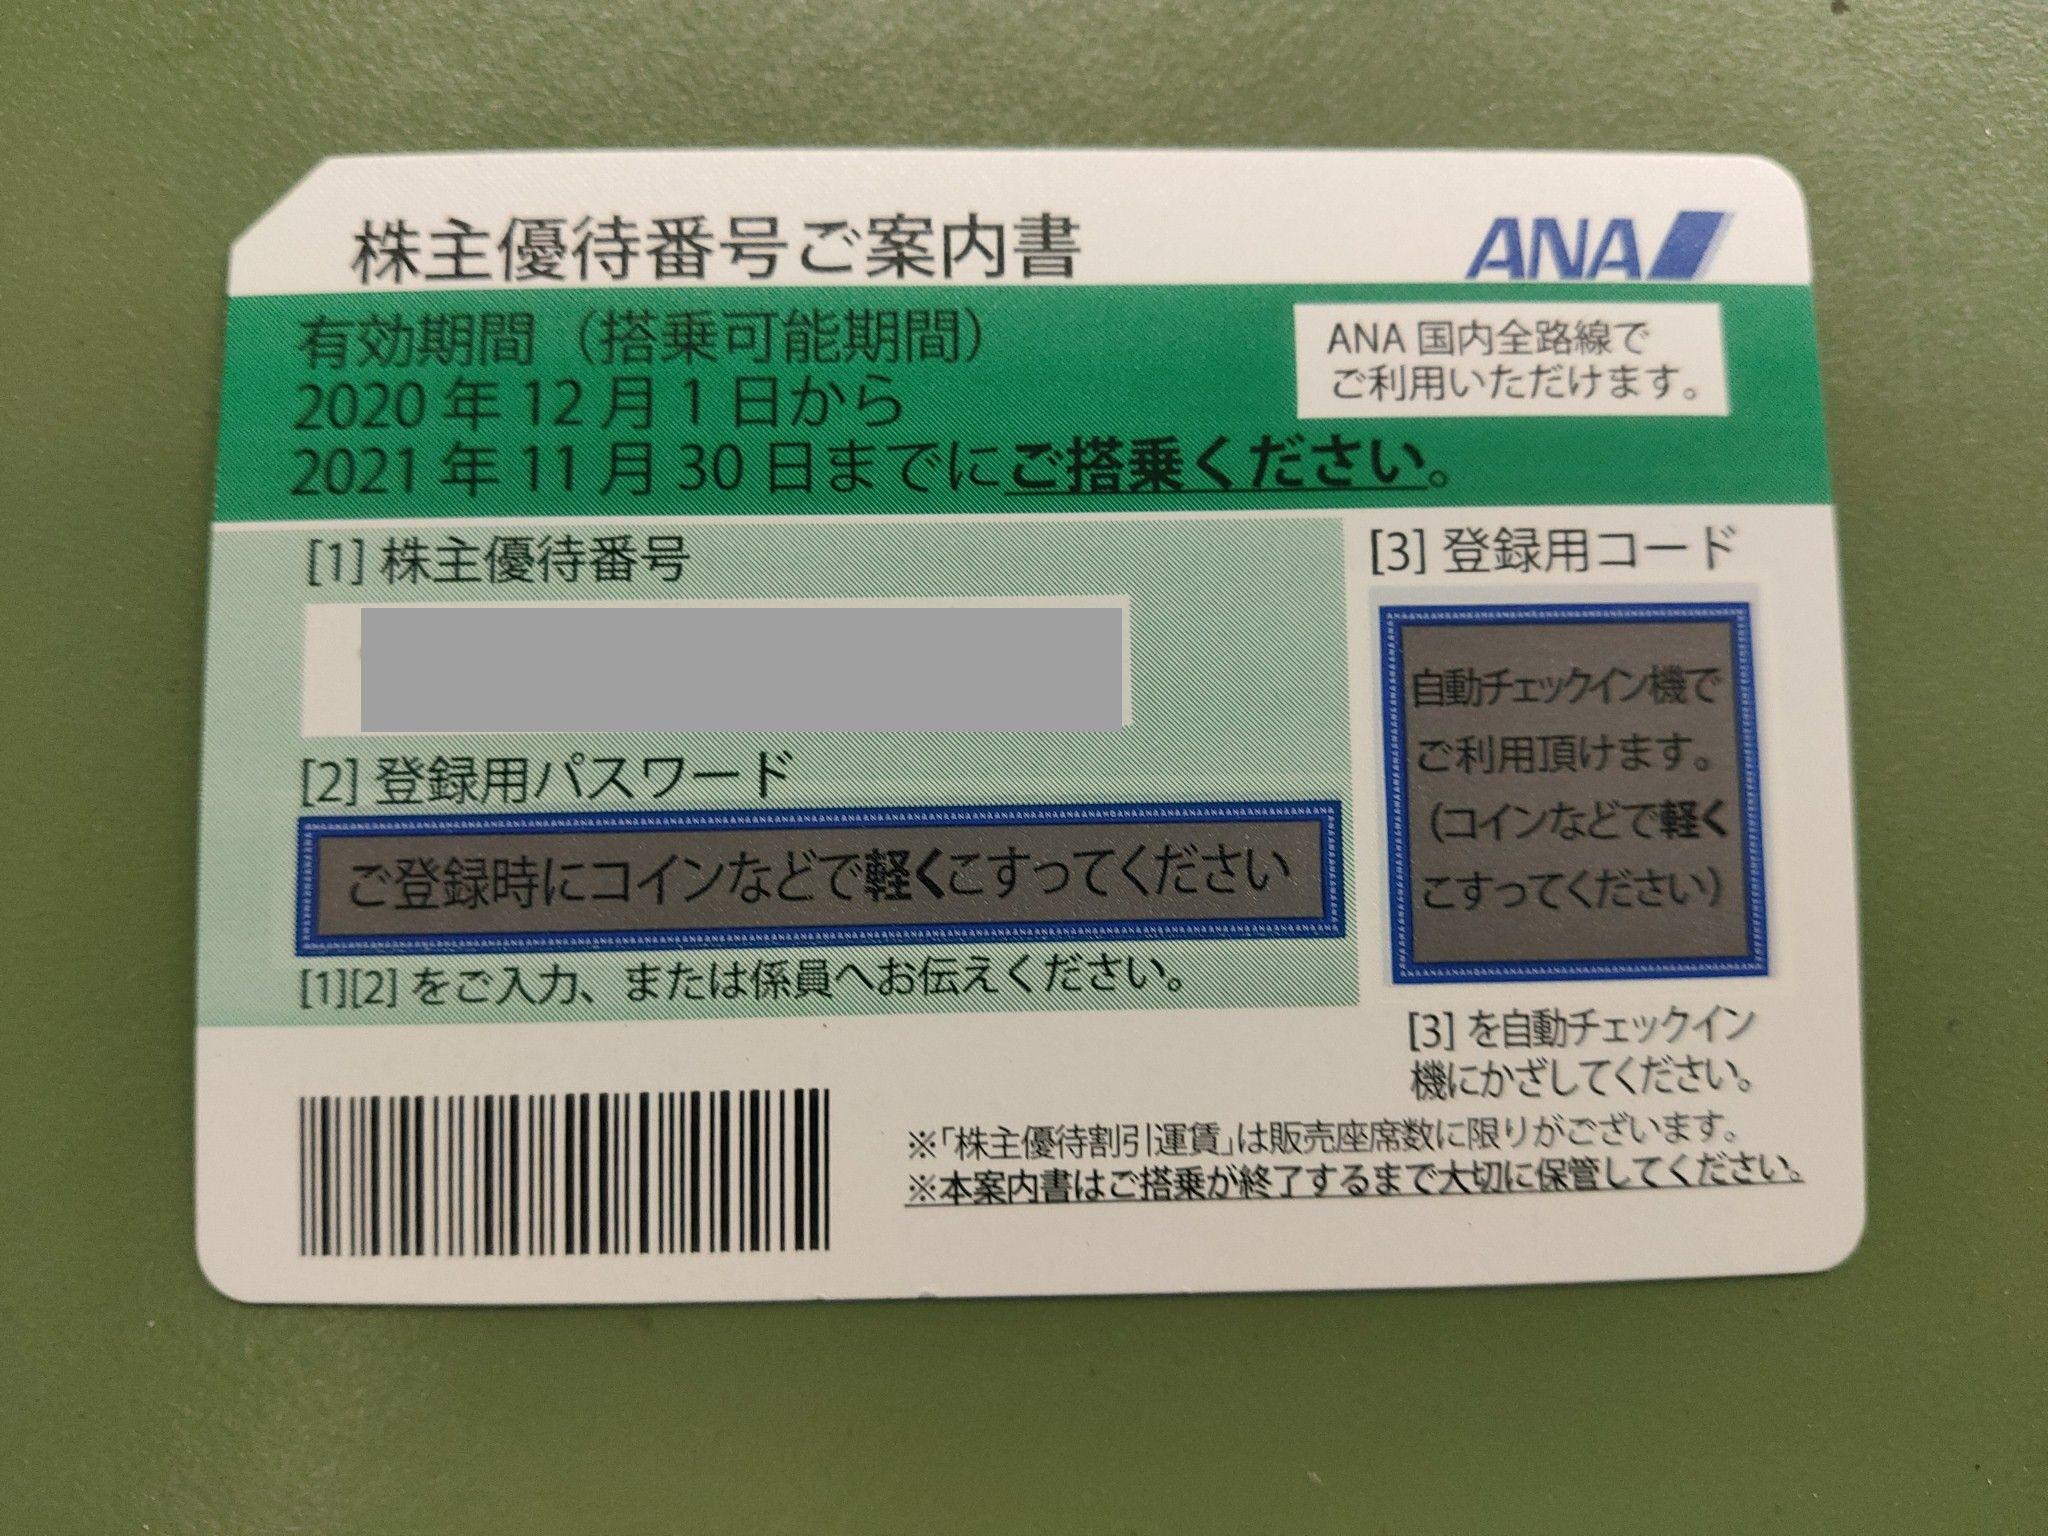 ANA株主優待券(有効期限2021/11/30) 2021/4/22(木)現在買取価格